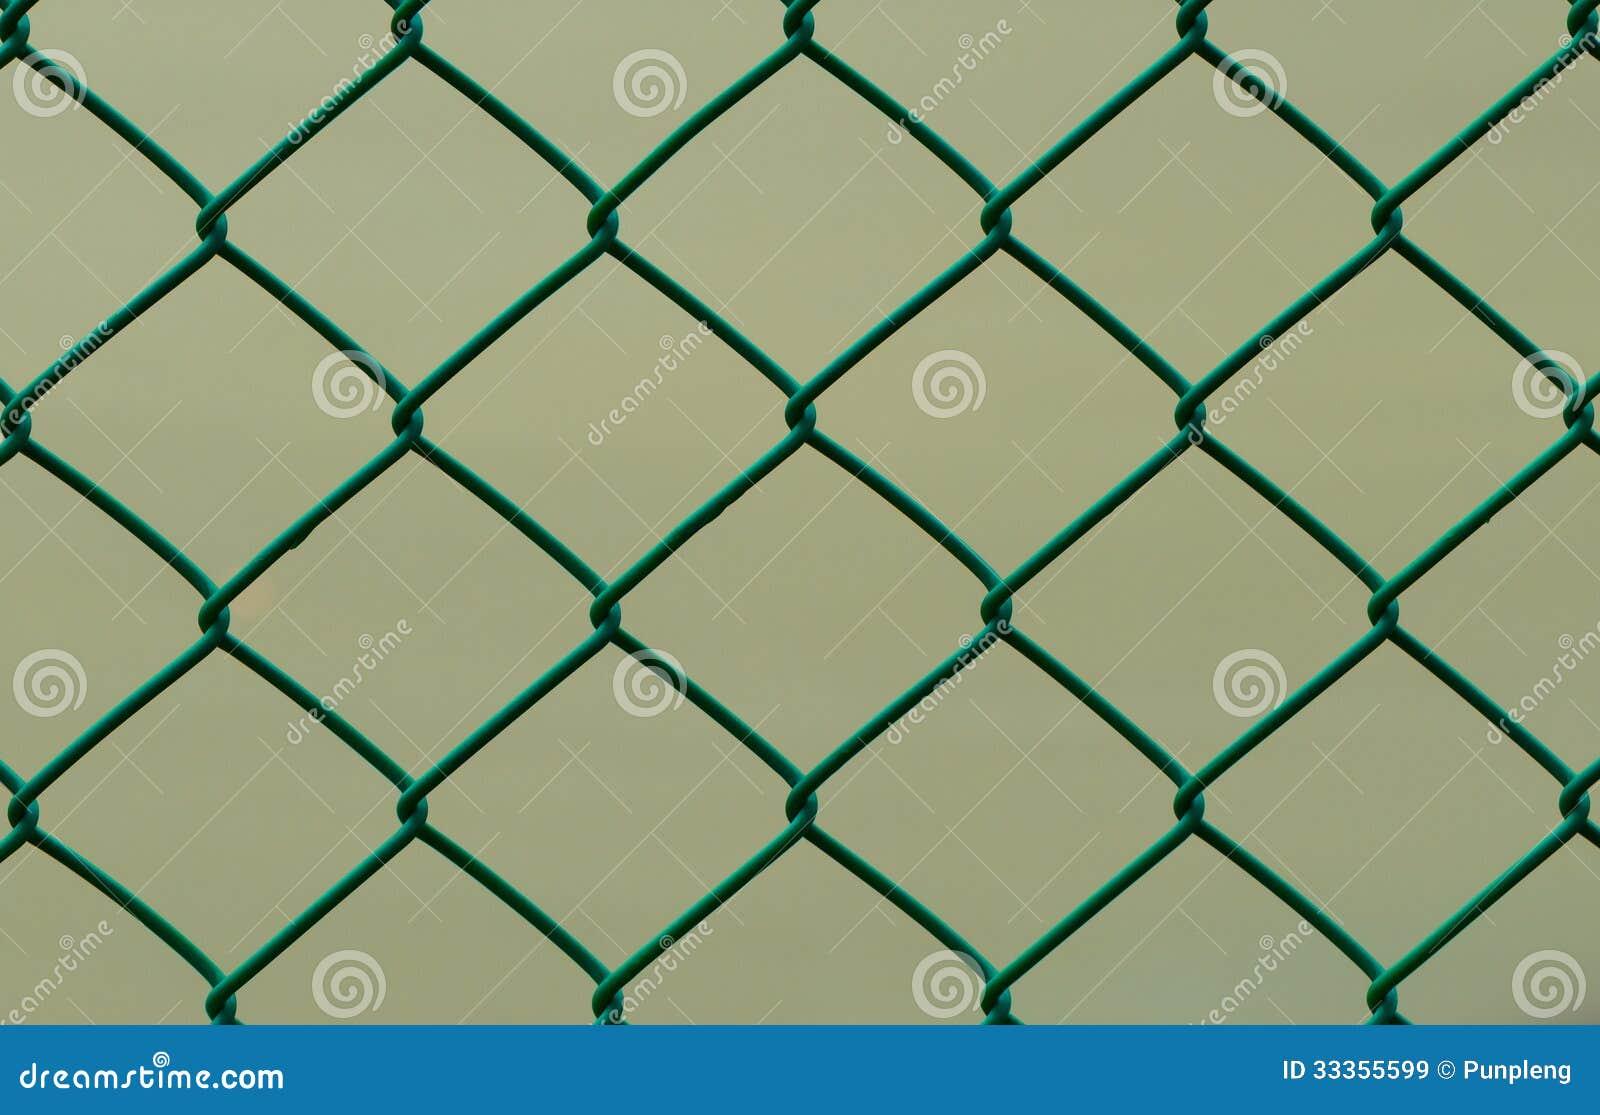 Grüner Draht-Zaun Lokalisiert Auf Brown-Hintergrund, Horizontal ...